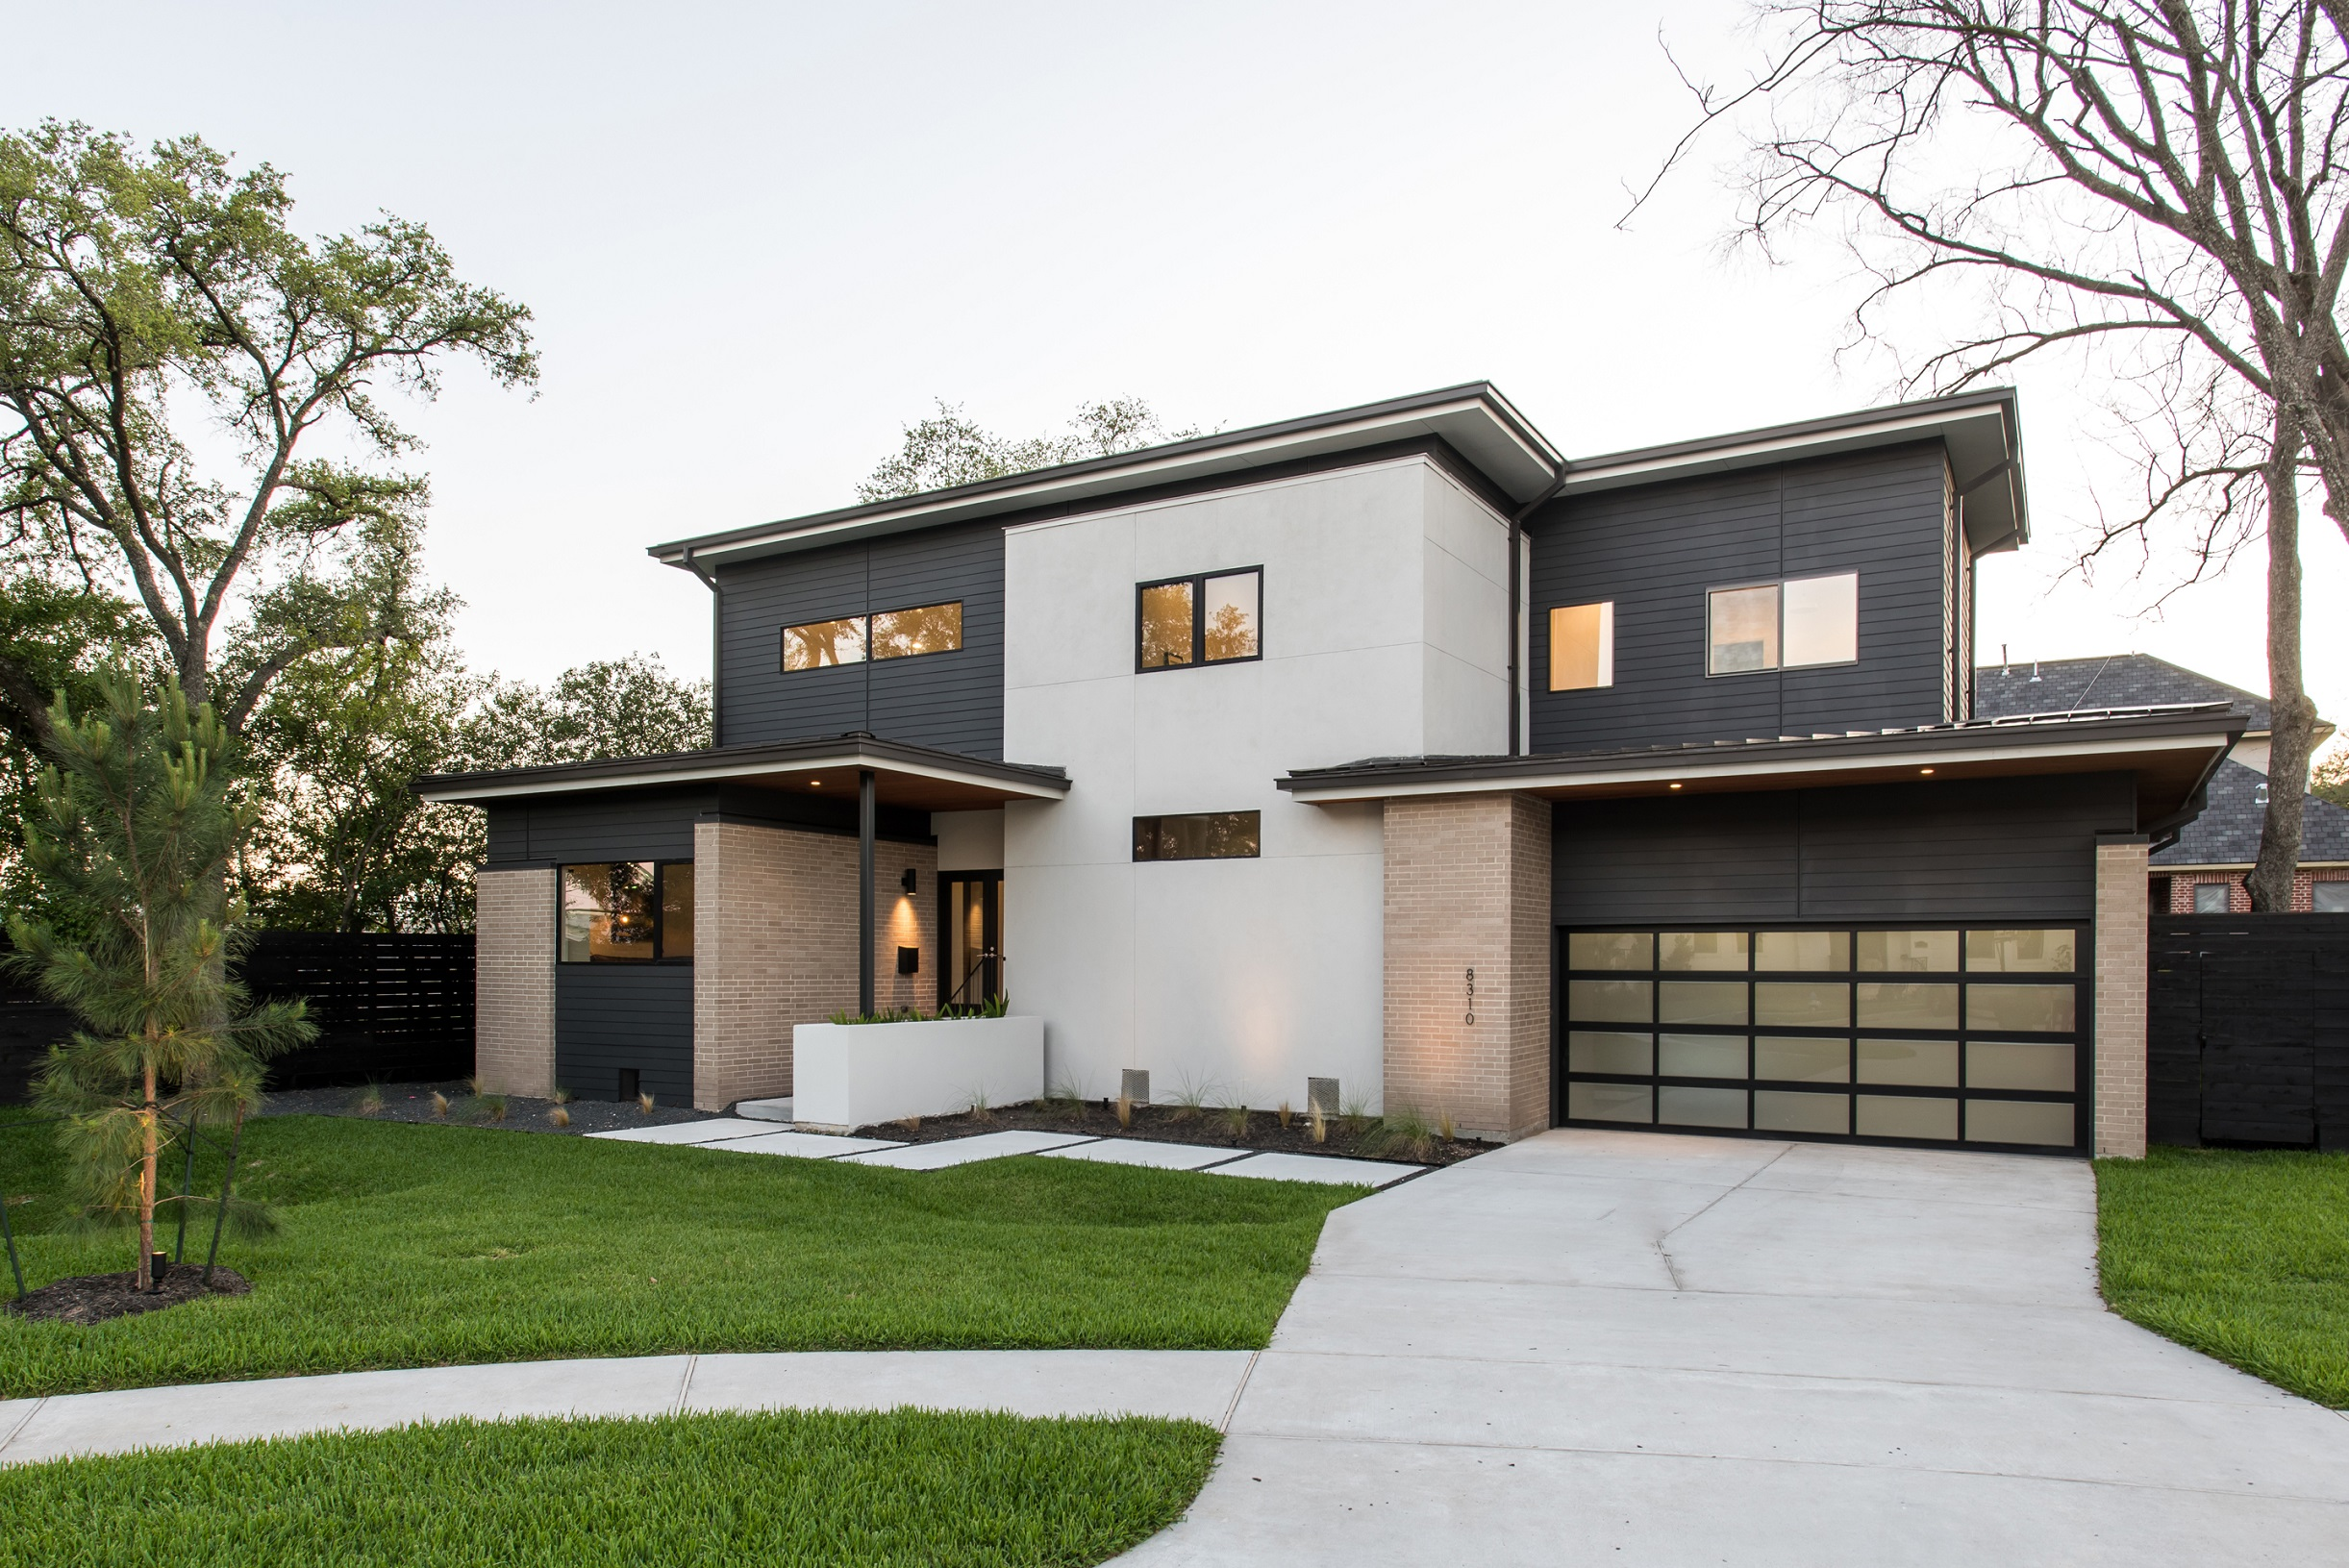 Annual tour of modern homes returns to houston september 24 for Modern house houston